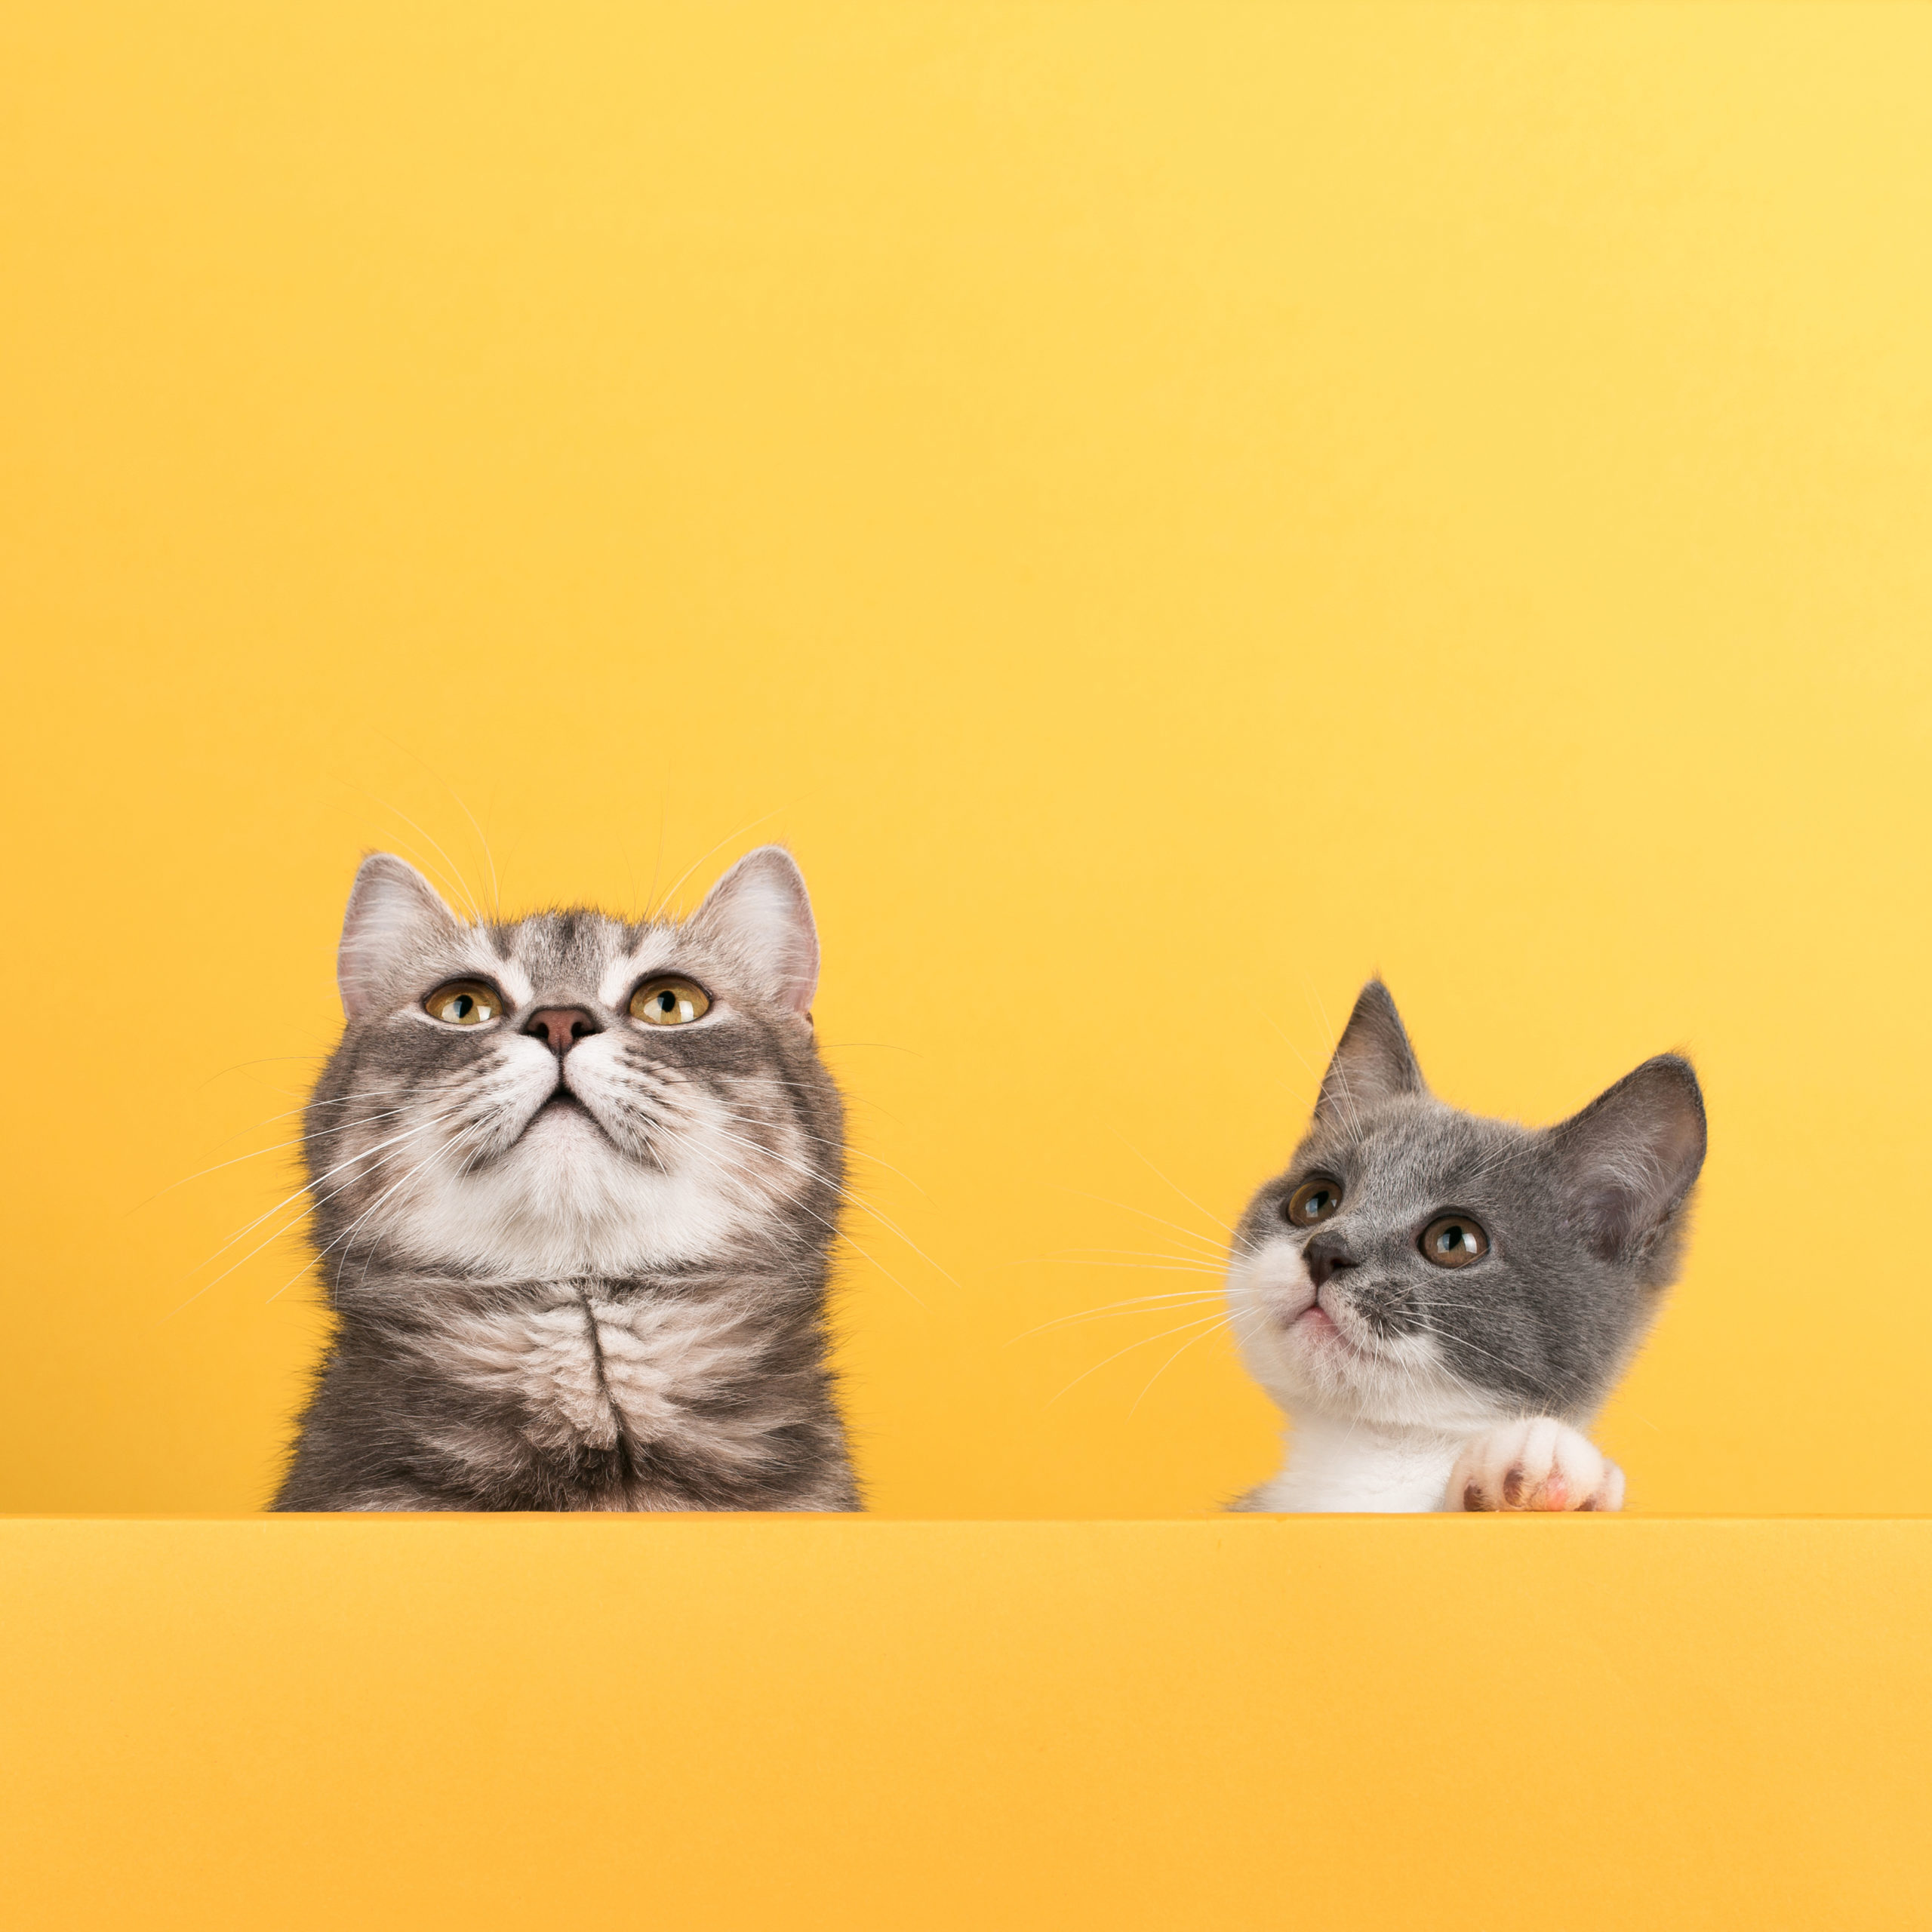 猫の首輪名札付き:メリット・デメリット